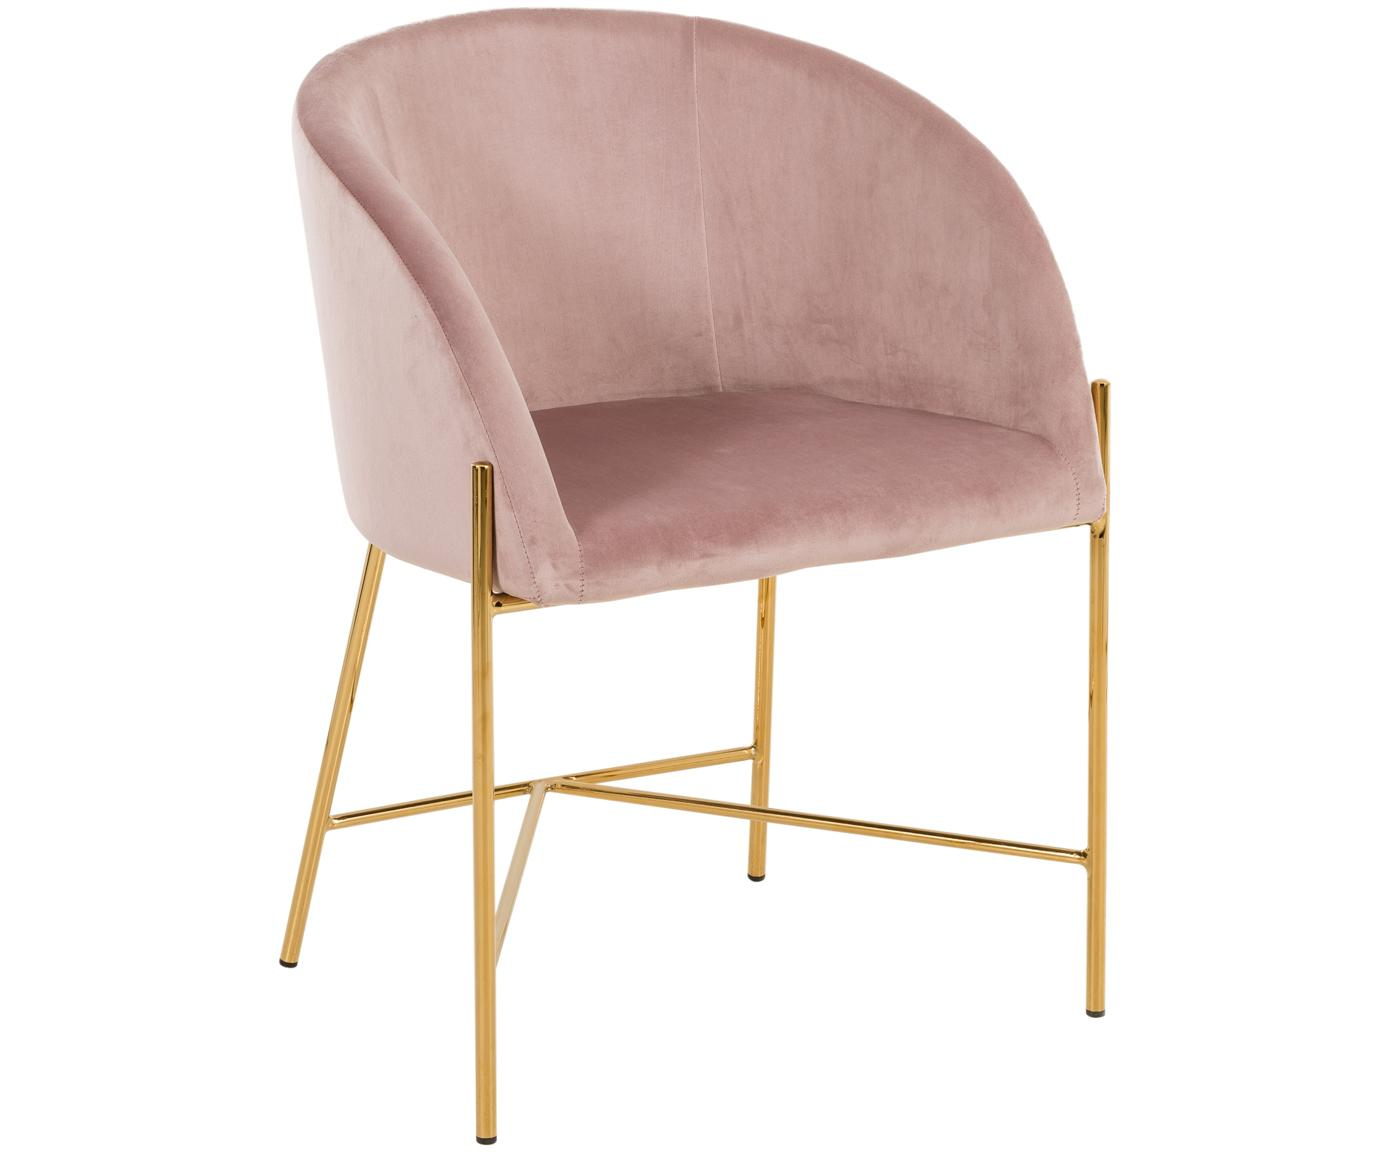 Fluwelen stoel Nelson in modern design, Bekleding: polyester fluweel, Poten: vermessingd metaal, Oudroze, B 56 x D 55 cm